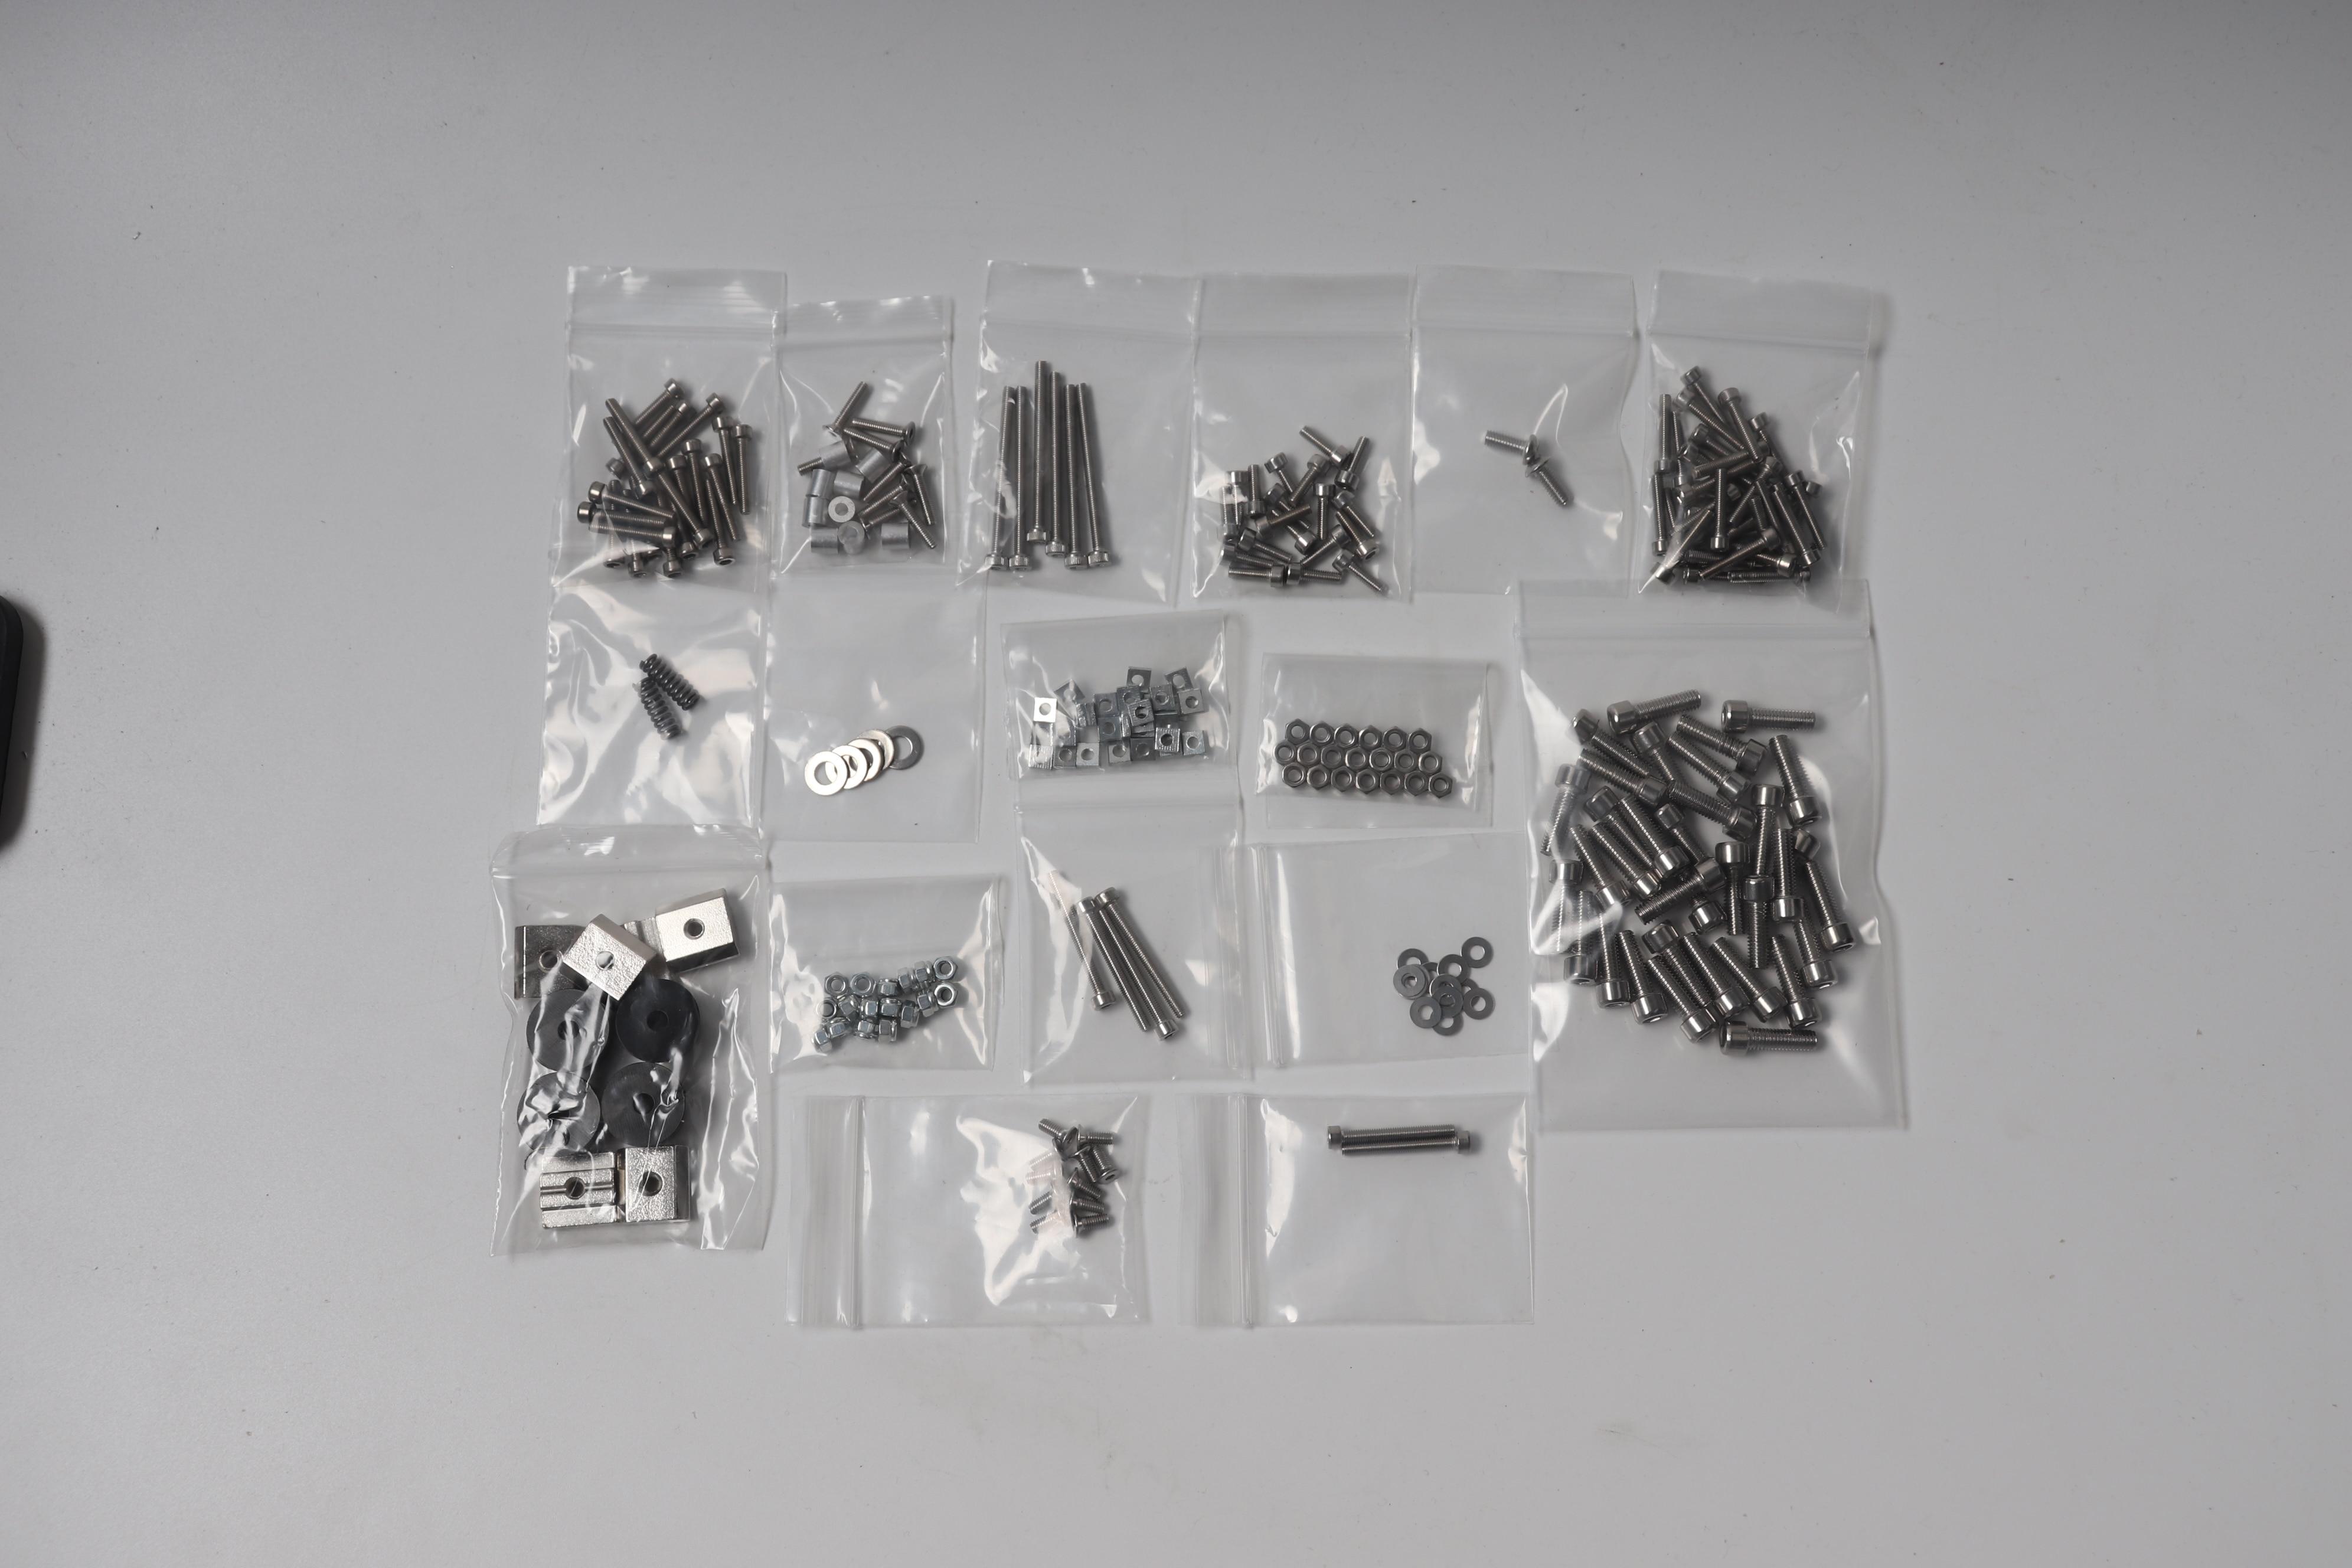 1.7 fino quadrado porca todo o kit pruas i3 mk3 parafuso porca peças da máquina de ferragem para prusa i3 mk3 impressora 3d peças mk3 parafusos kit